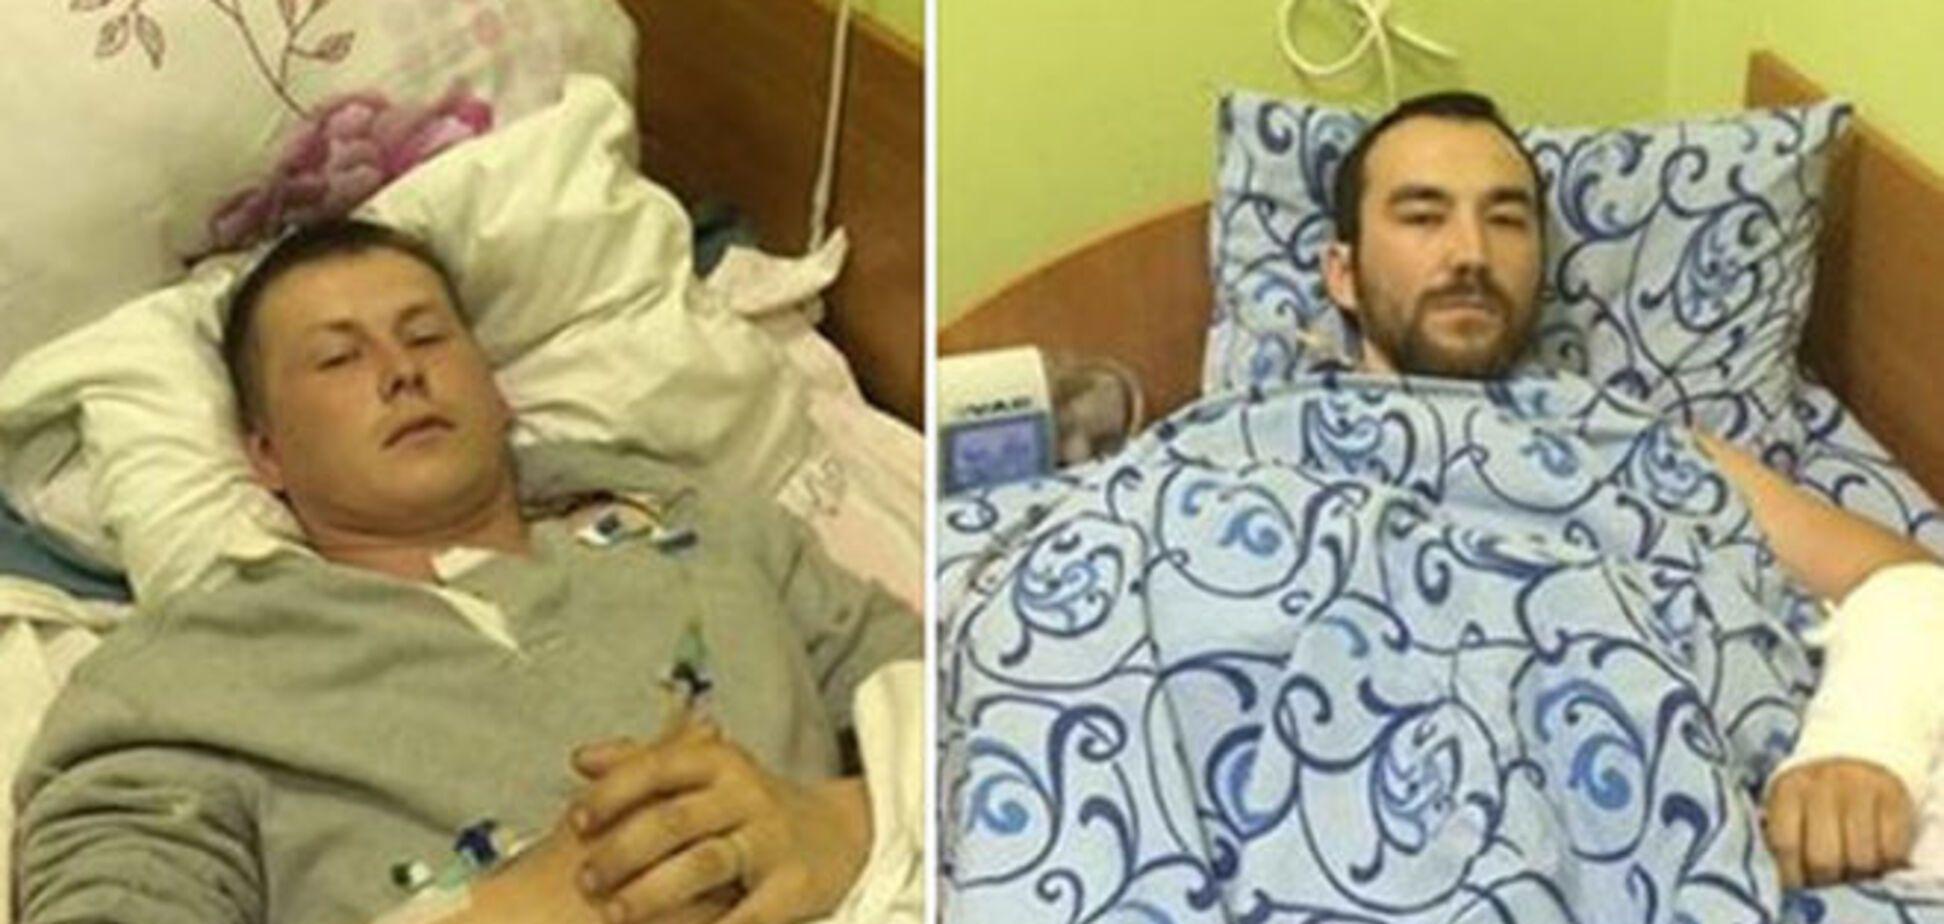 Бабченко звернувся до полонених російських військових: від вас відреклися